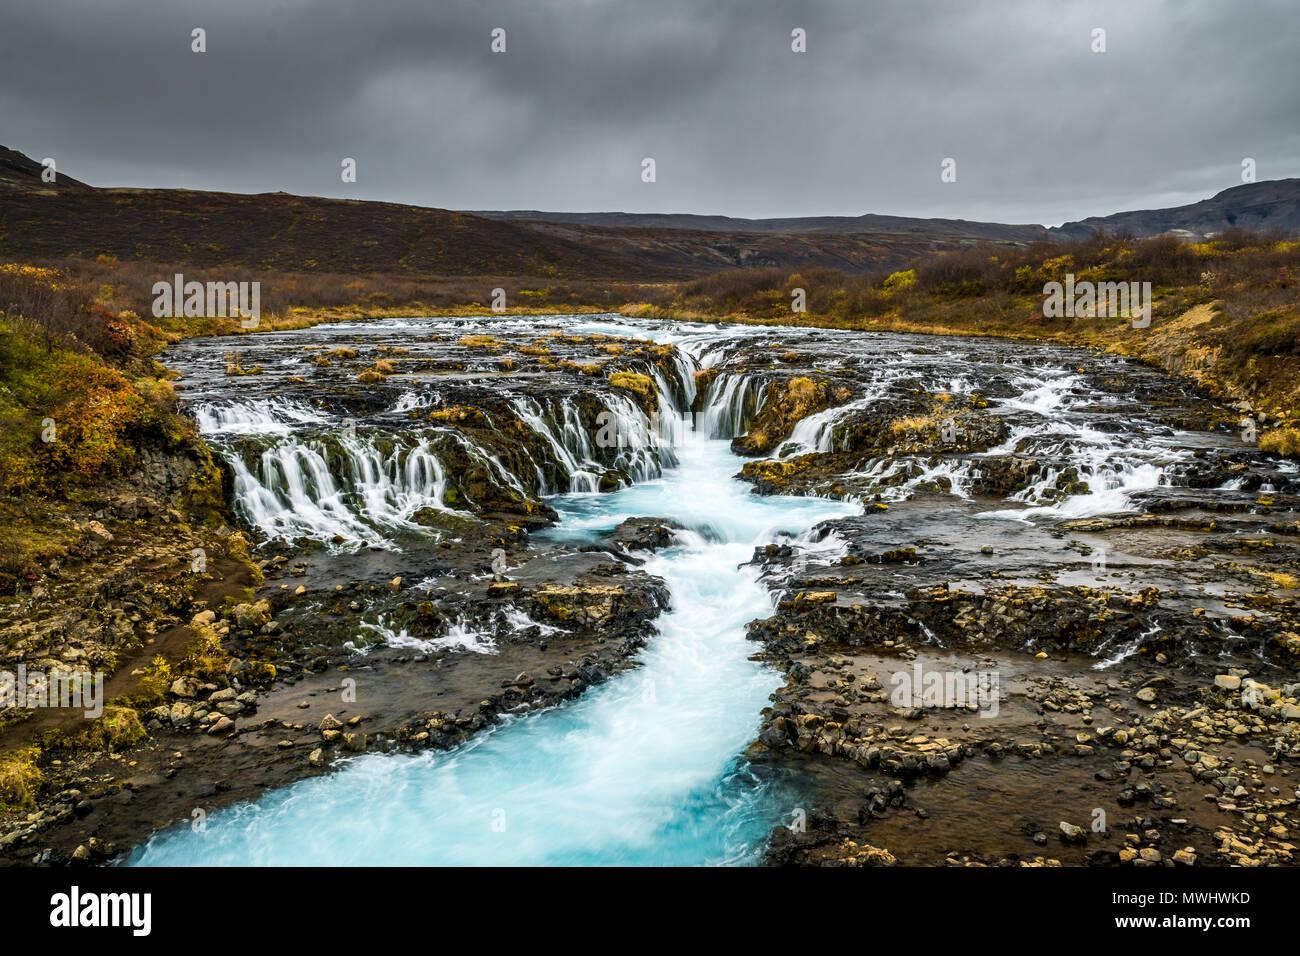 Nur einen kleinen, aber sehr schönen Wasserfall entlang der Golden Circle. Einer meiner Lieblingsorte in Island, aber etwas schwer zu finden, sin Stockbild